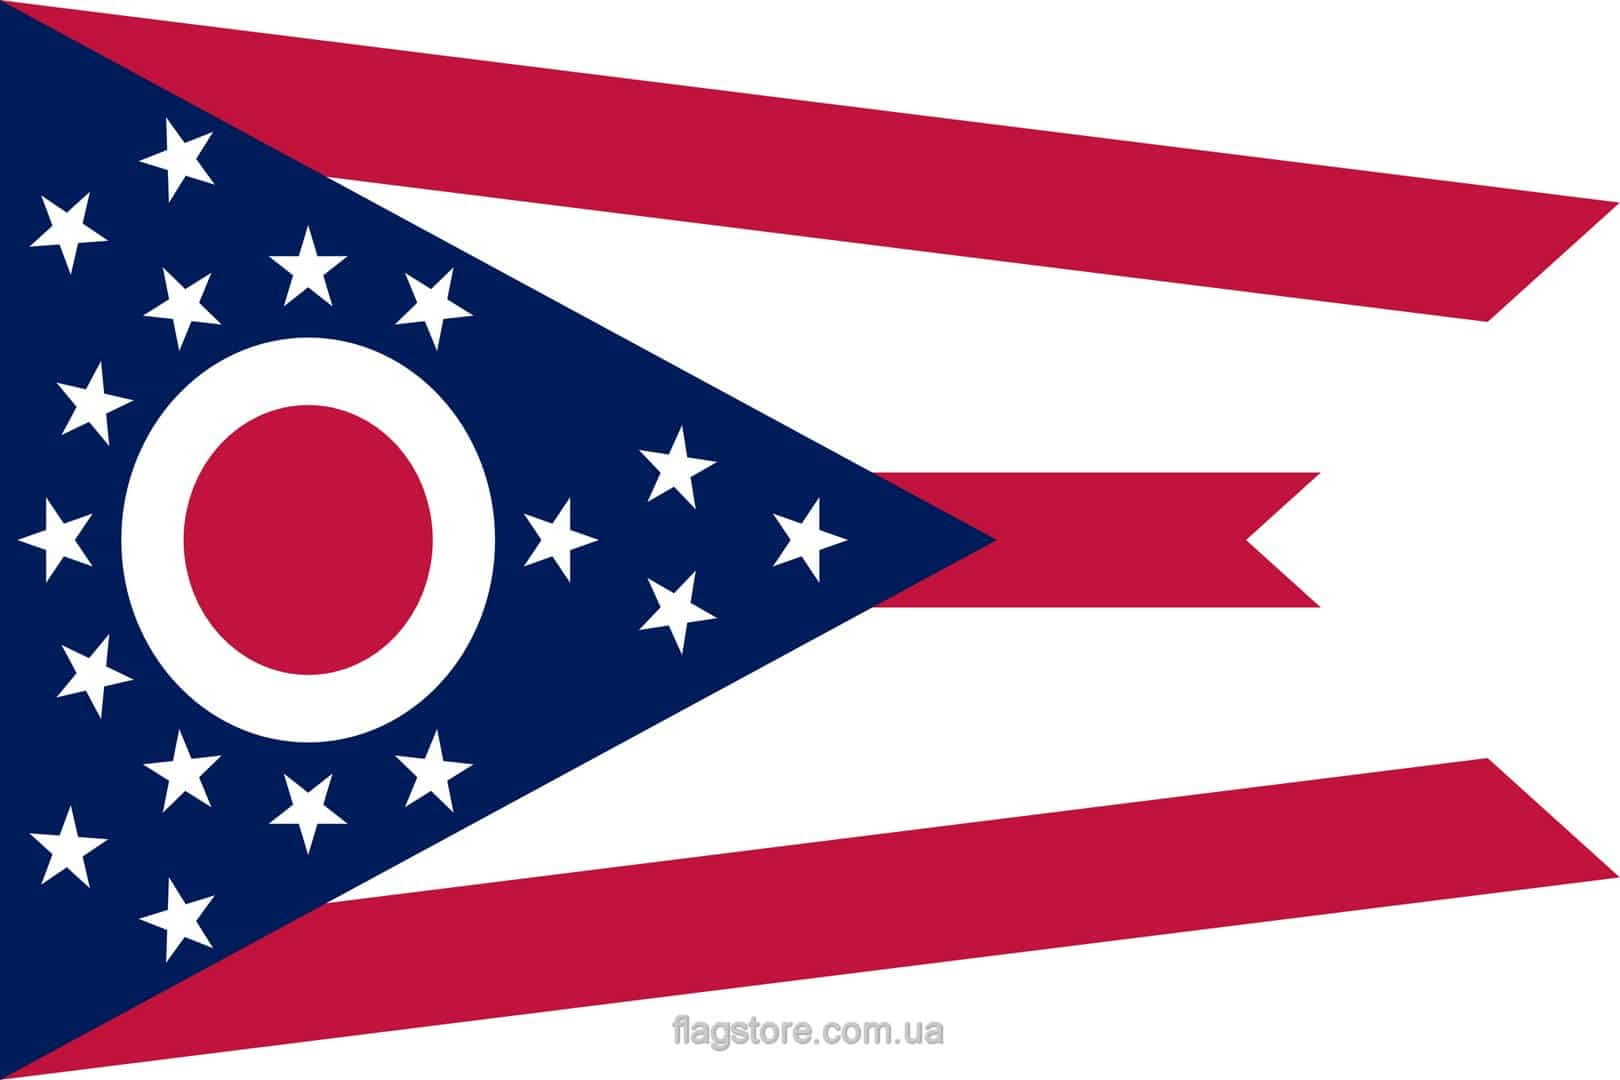 Купить флаг штата Огайо